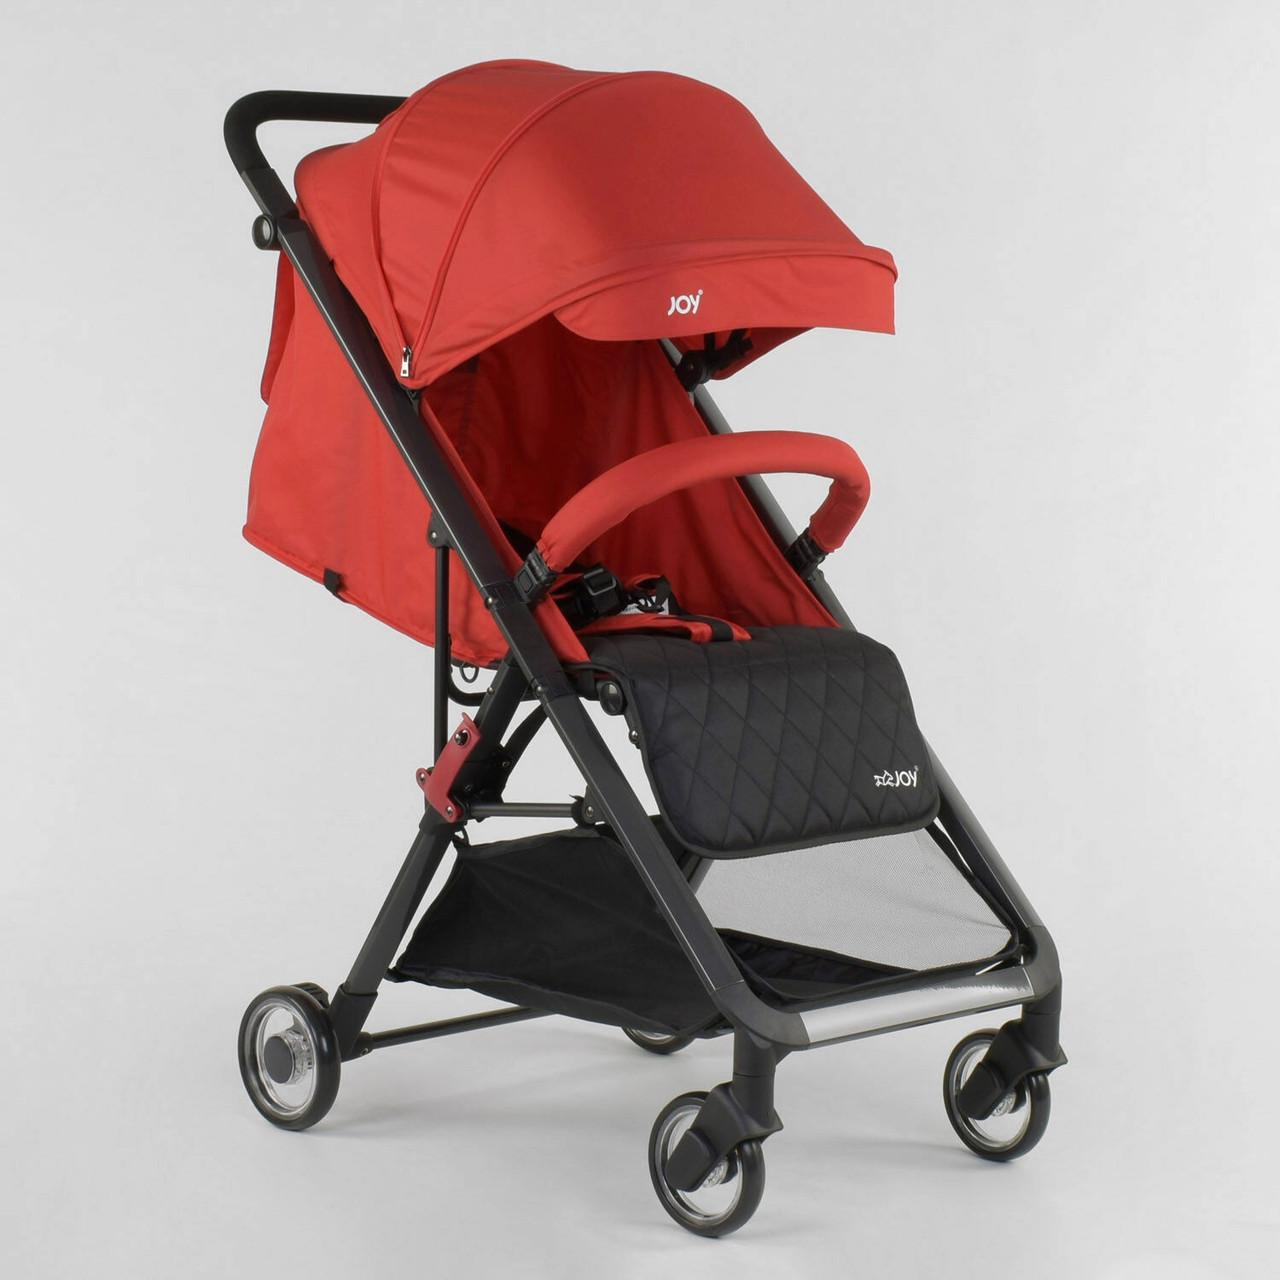 Детская прогулочная коляска JOY Kamelia 80747 Красная футкавер